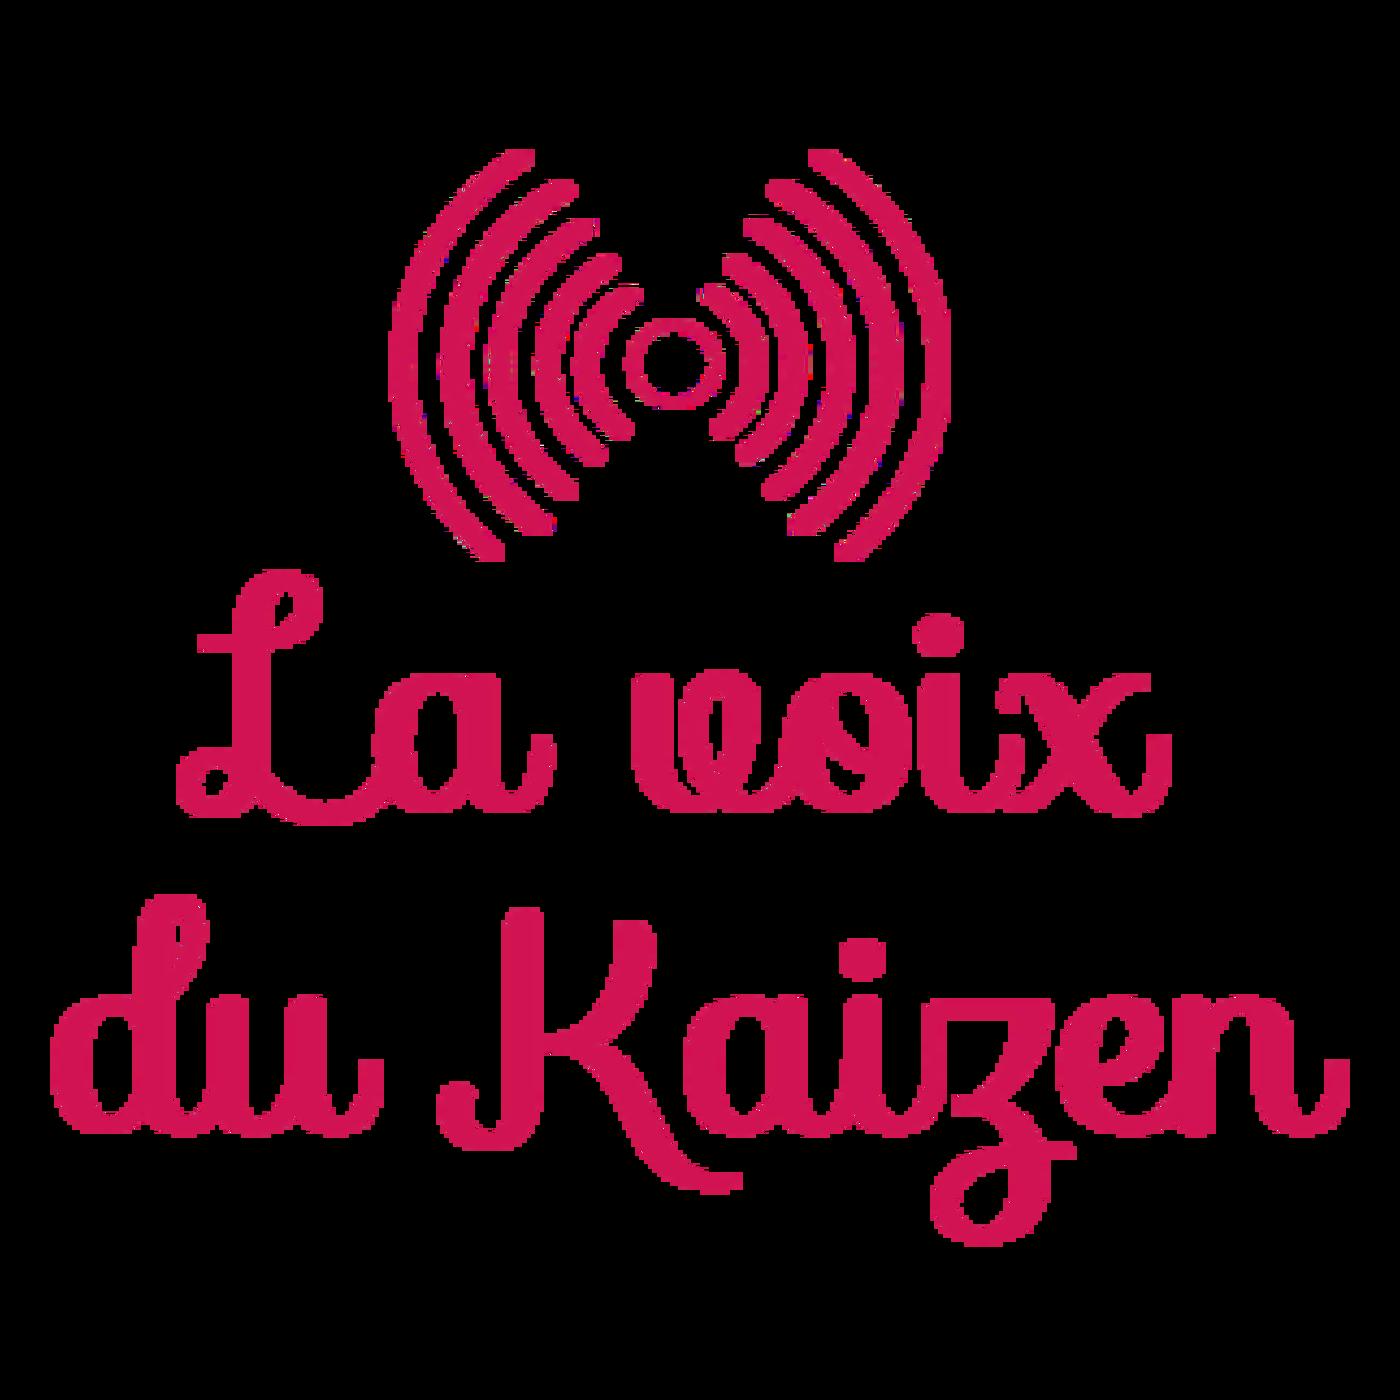 La voix du Kaizen